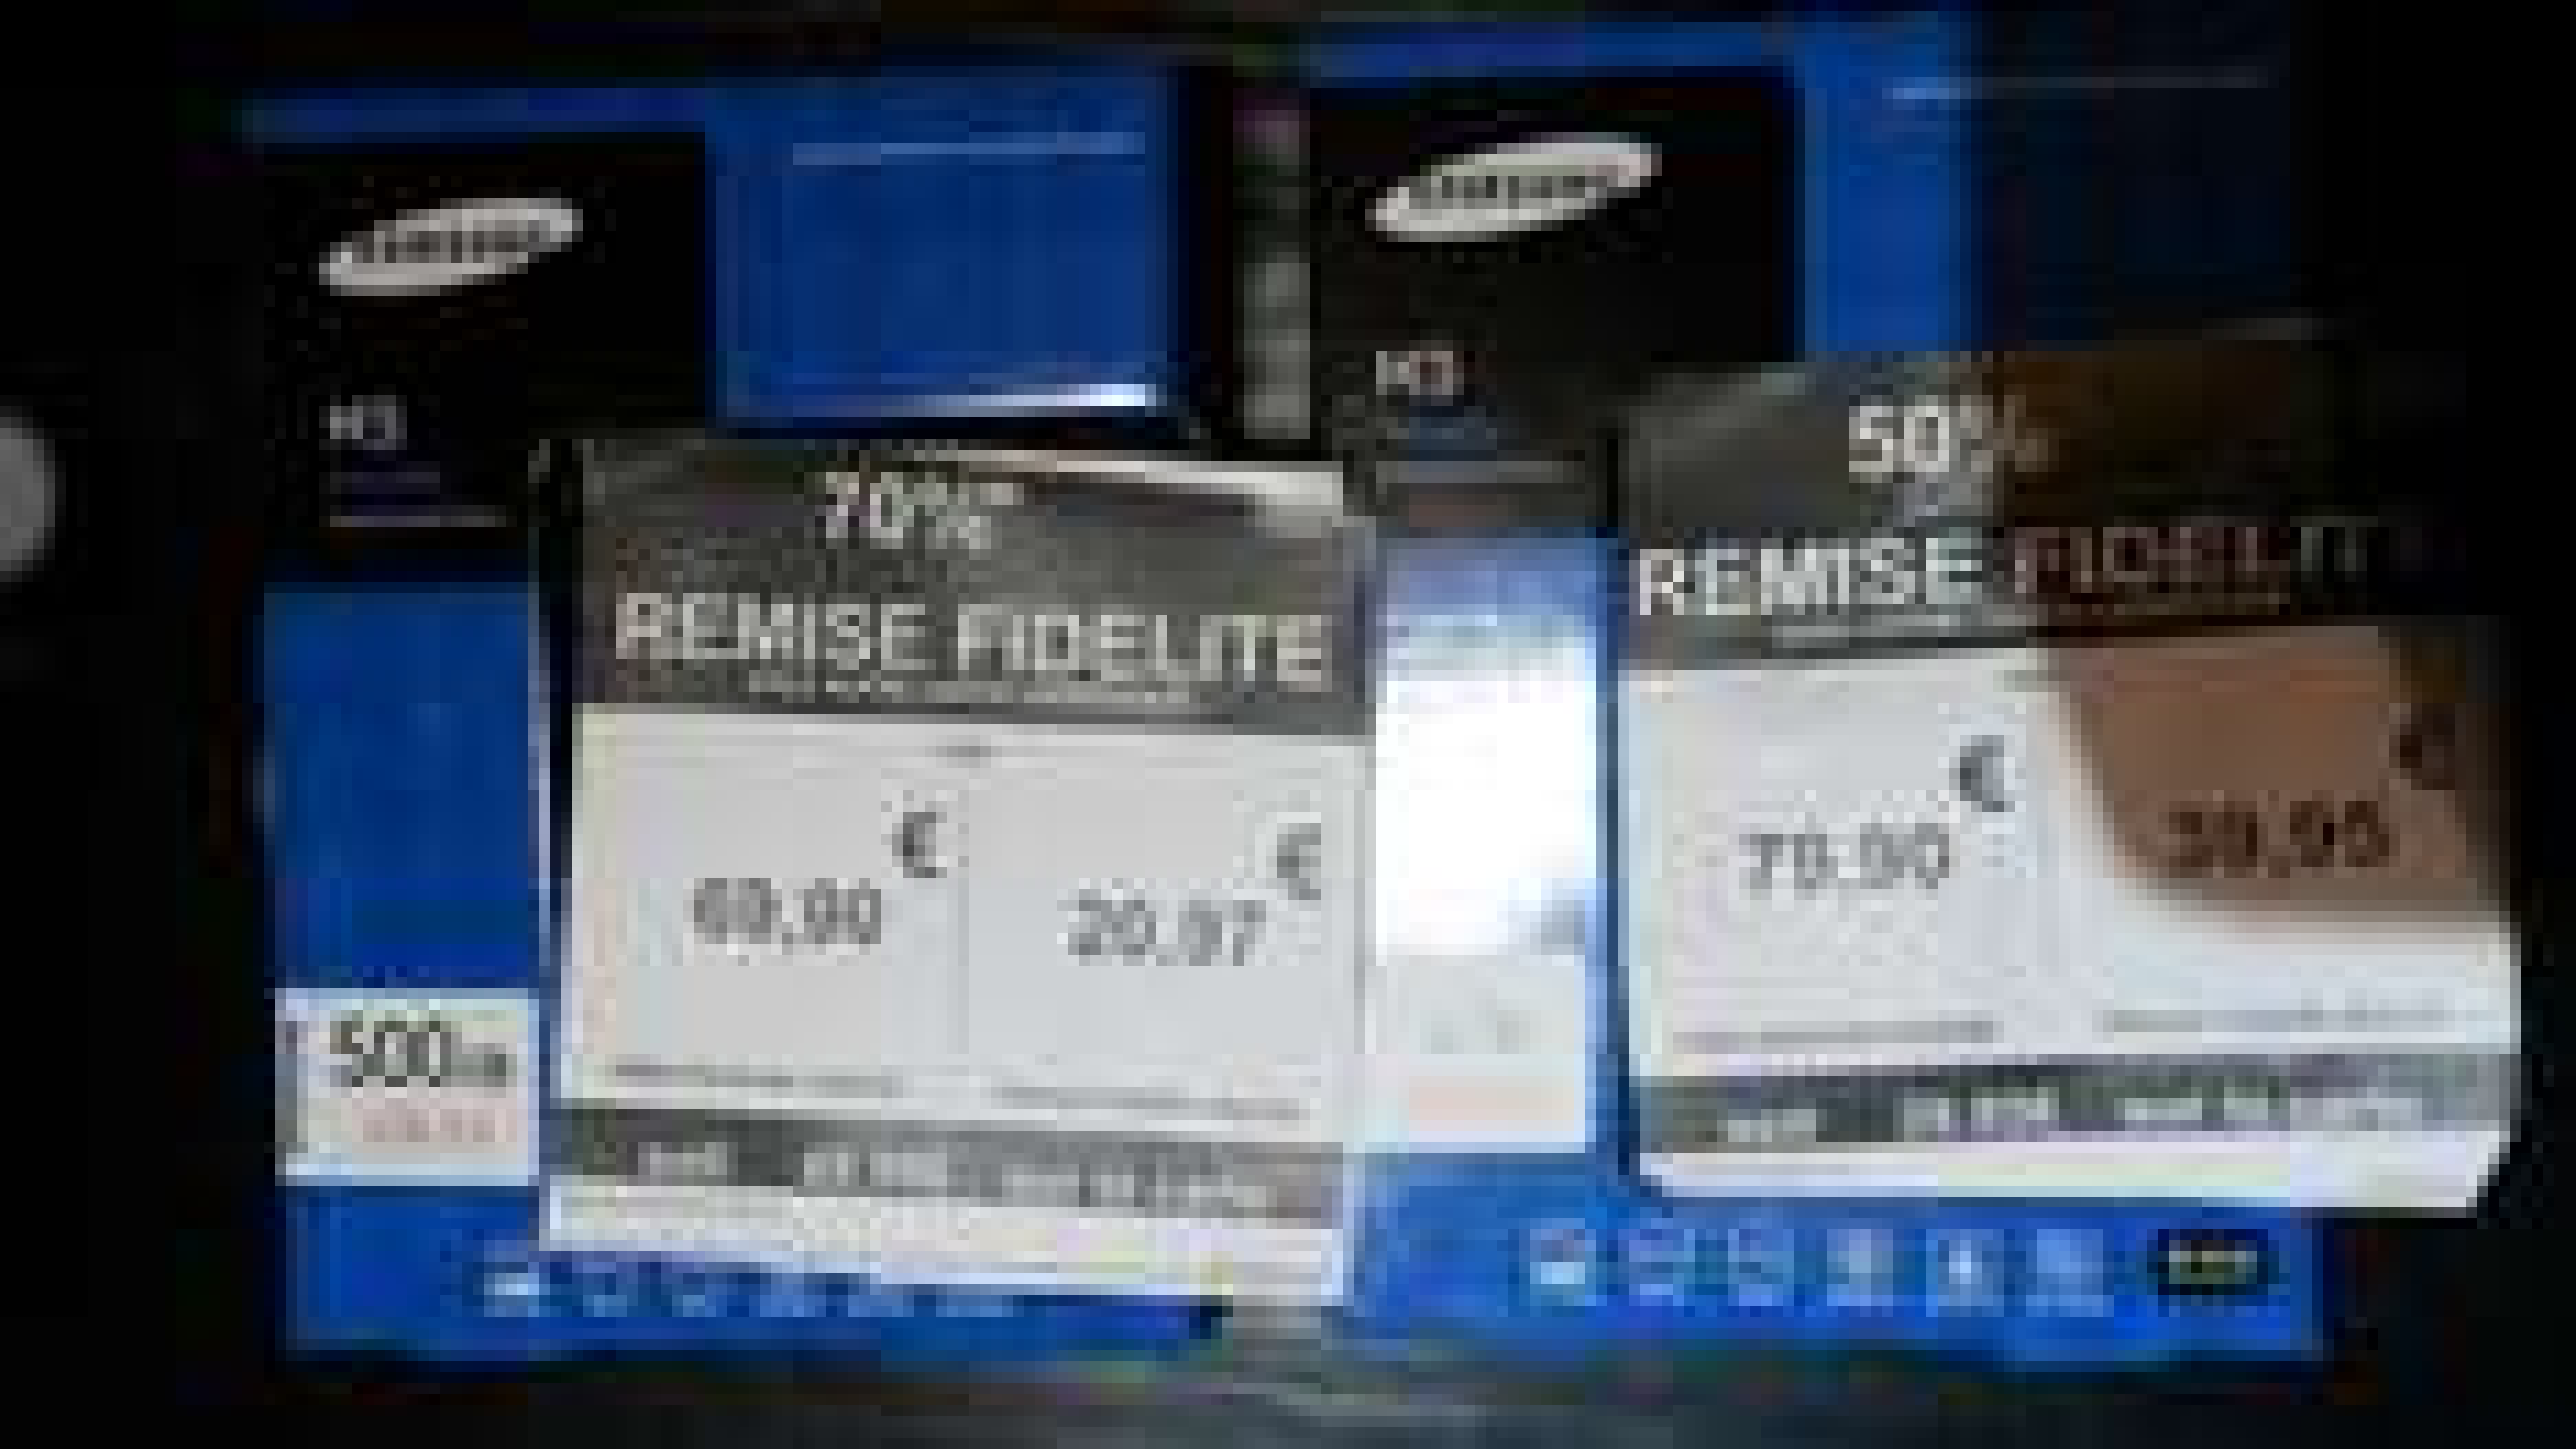 """Promotions sur les Disques durs 2.5"""" Samsung M3 (via remise fidélité jusqu'à 70%) - 500Go à 20,97€ et 1 To"""